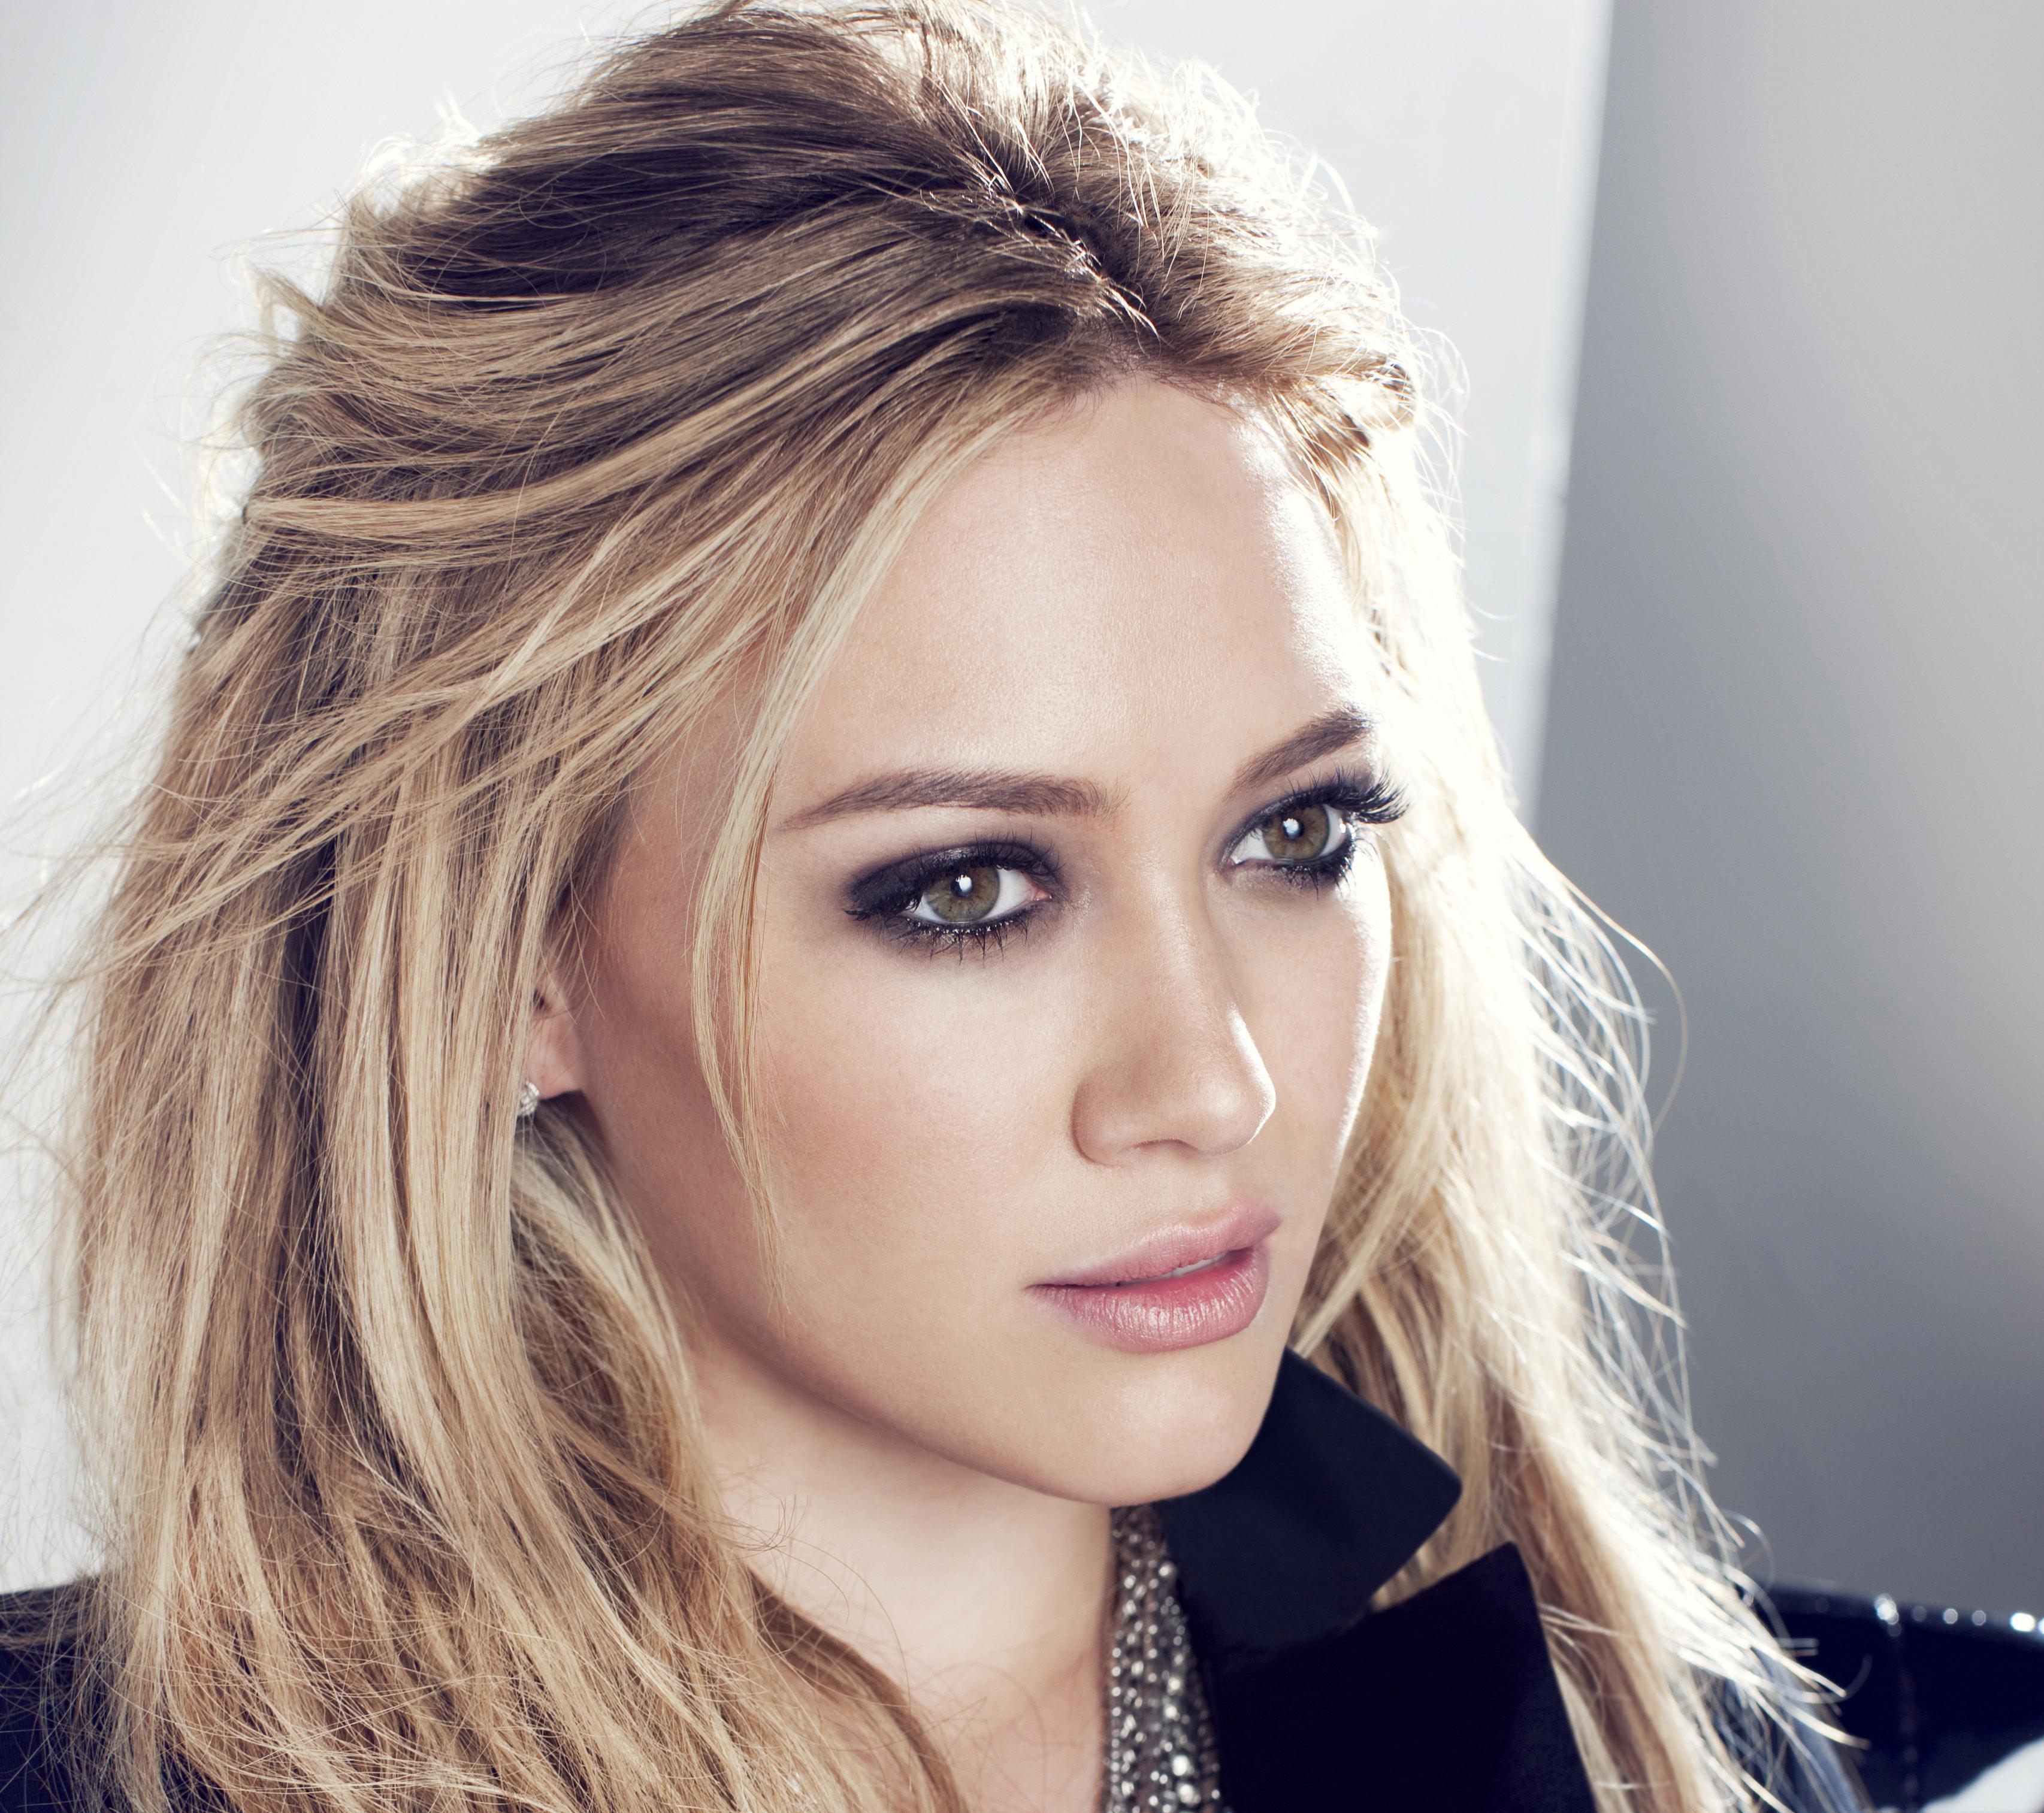 Hilary Duff Celebrity, HD Celebrities, 4k Wallpapers